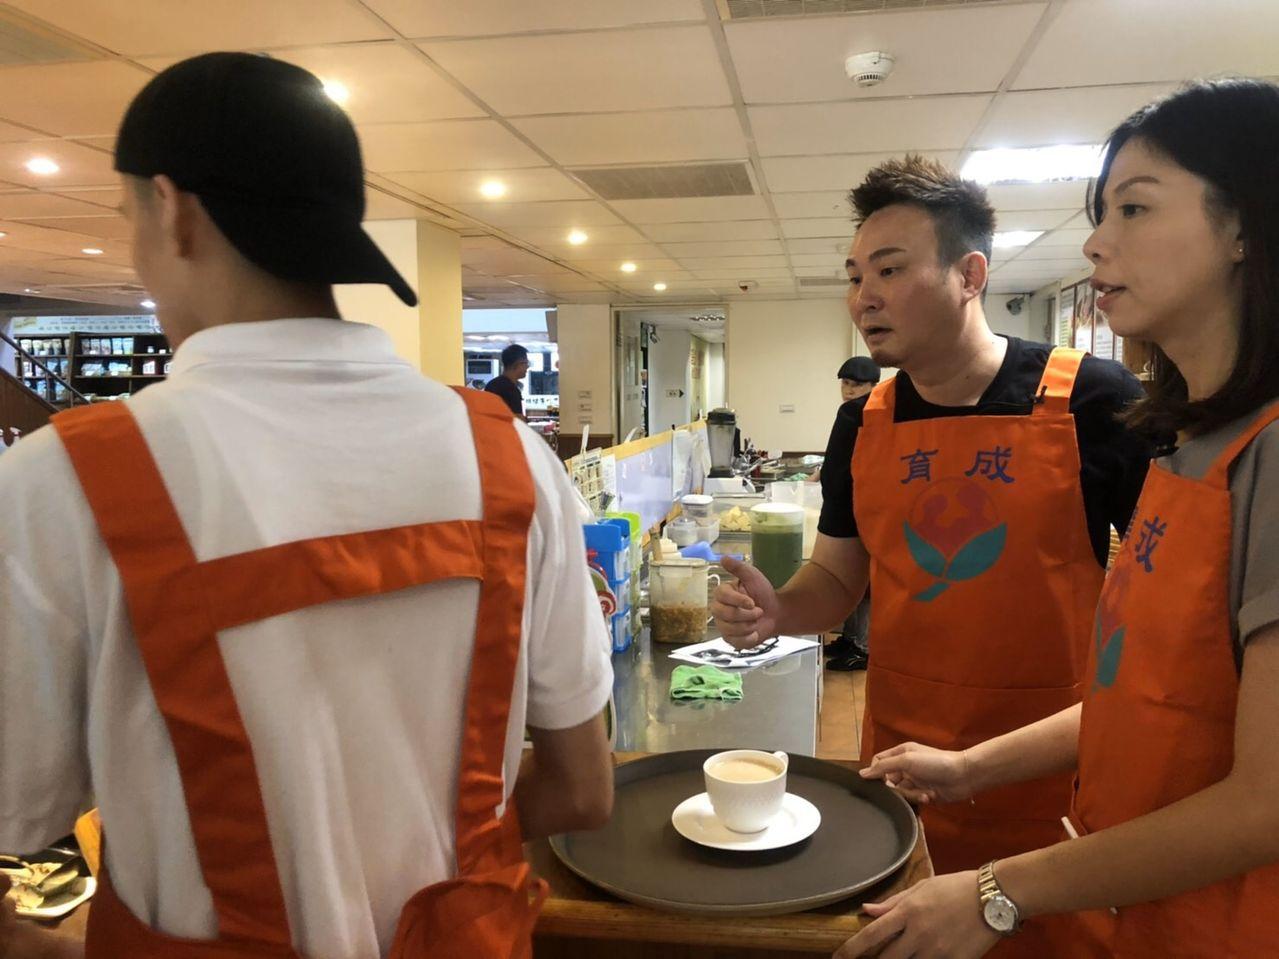 立委洪慈庸(右)挑戰擔任一日服務員,從點餐、打菜、煮咖啡到送餐都一手包辦,展現親...